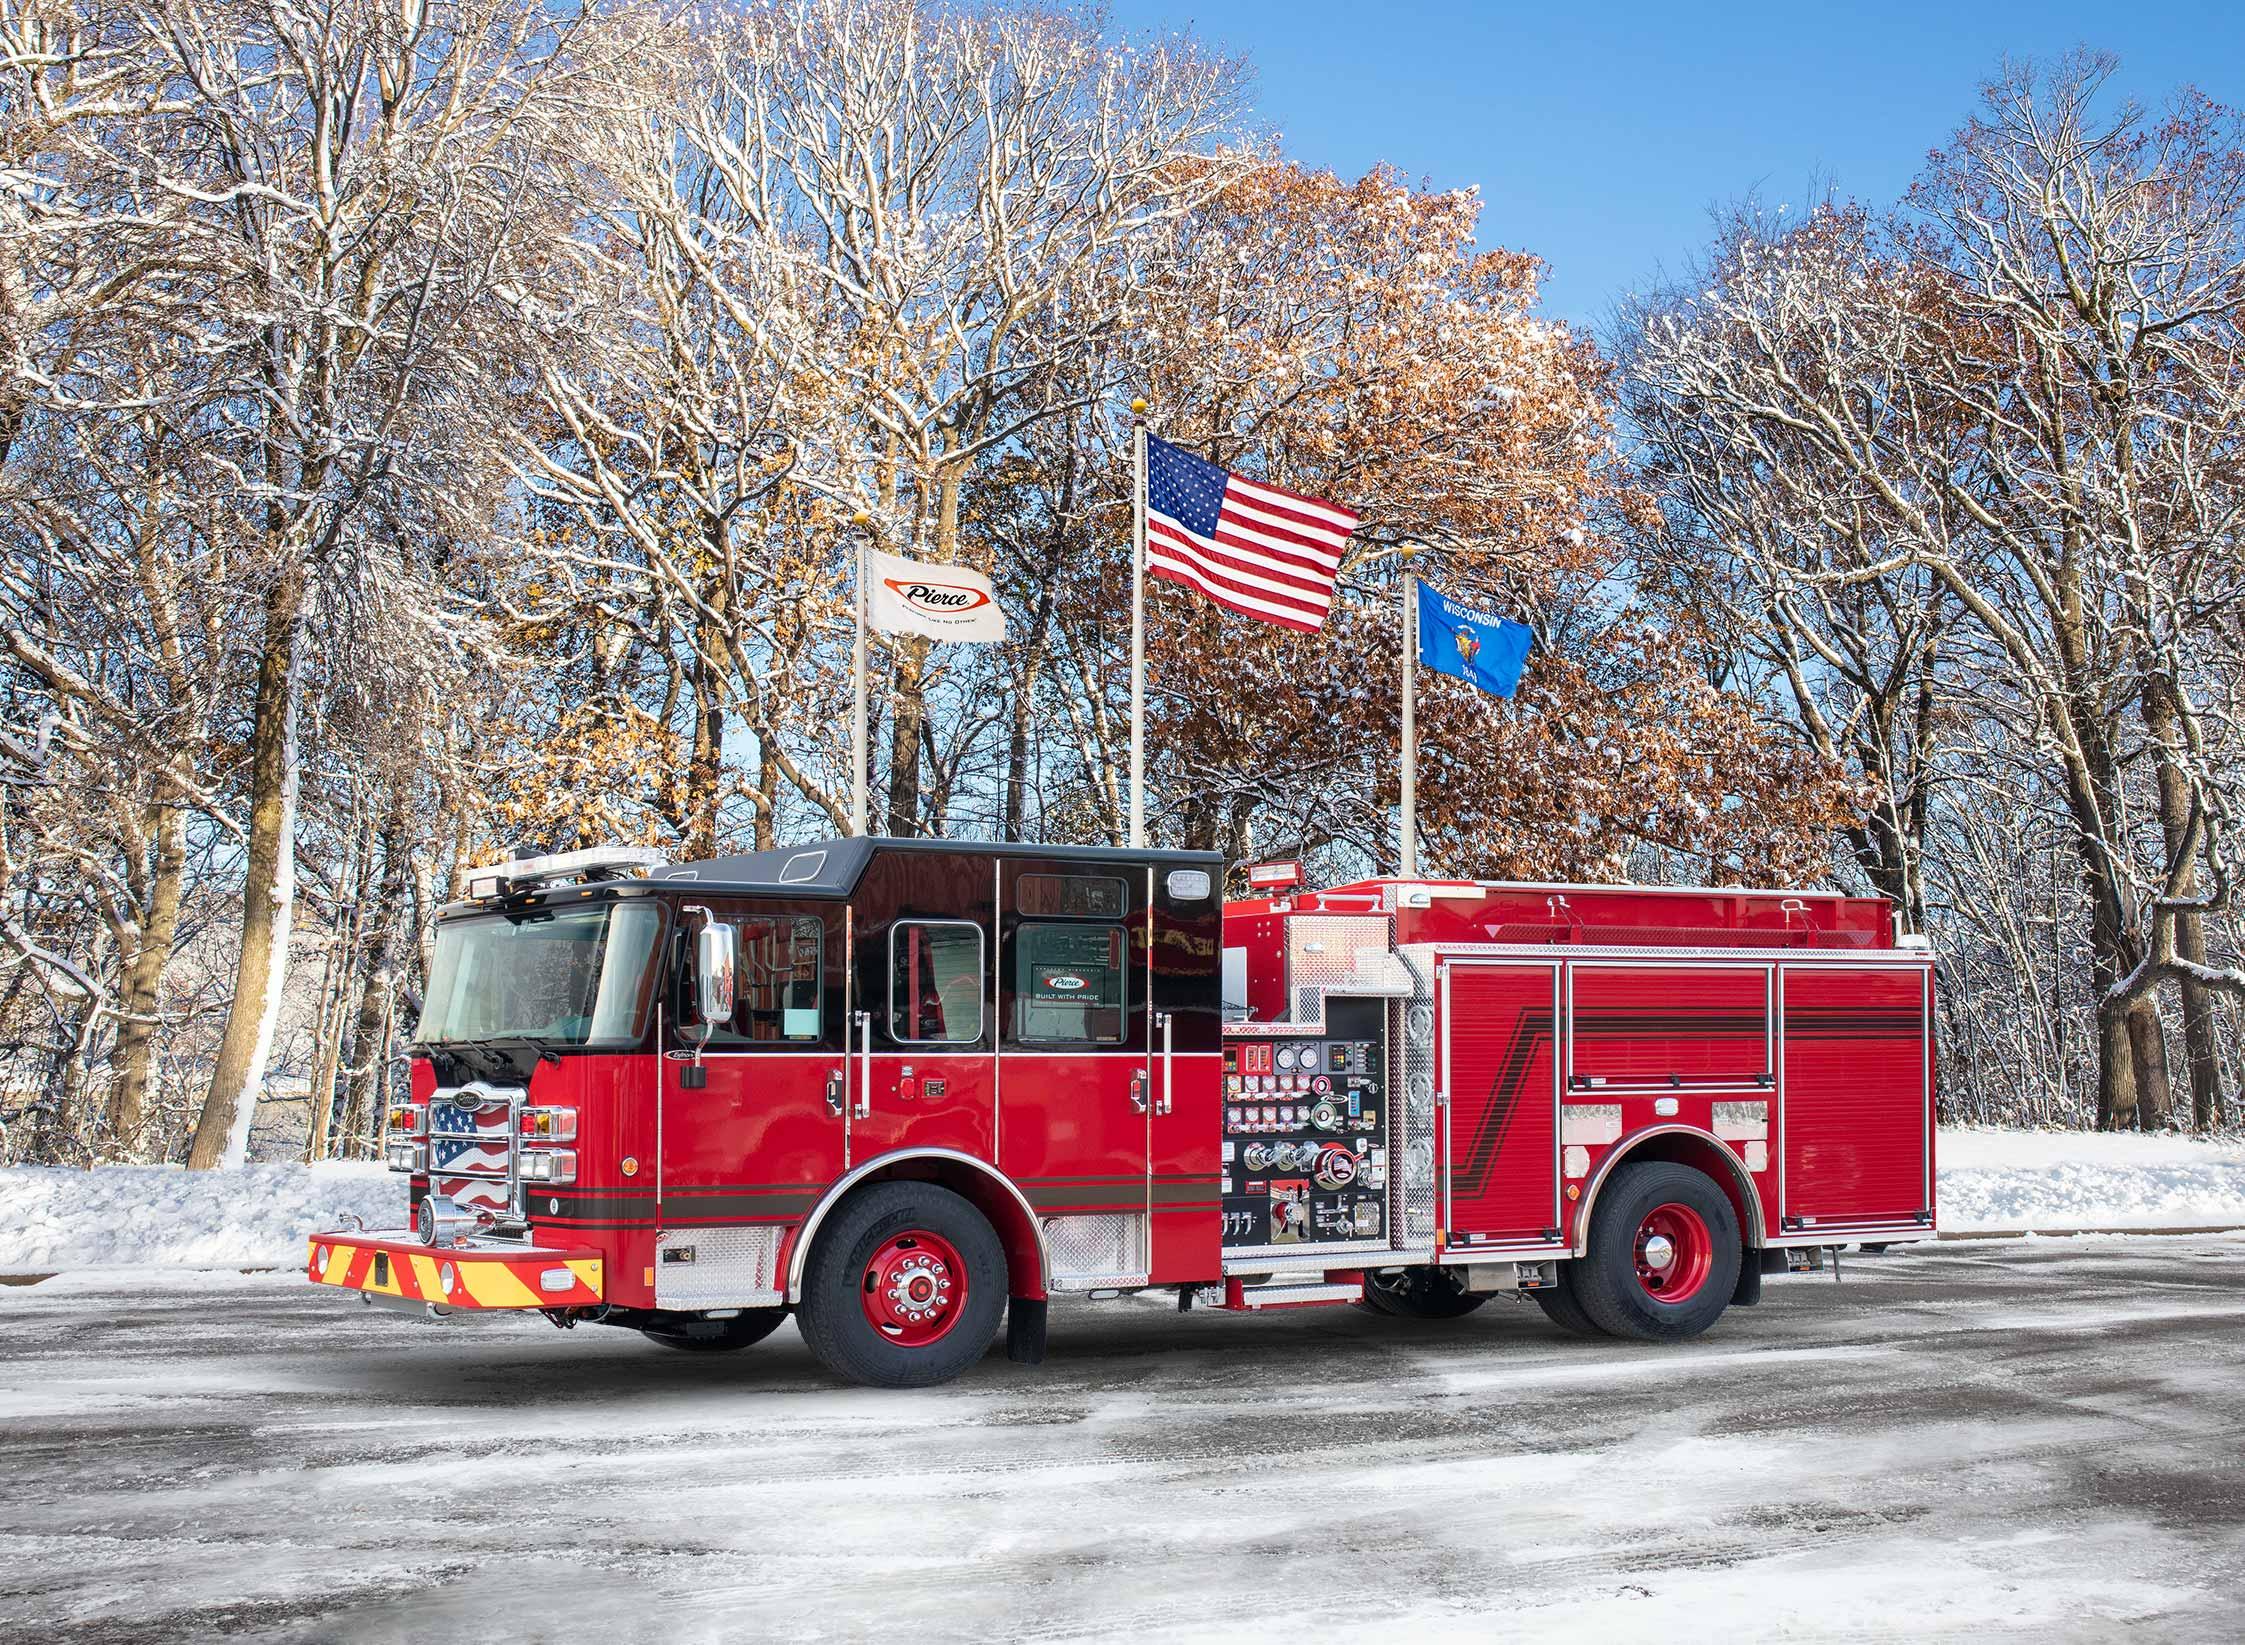 Attleboro Fire Department - Pumper